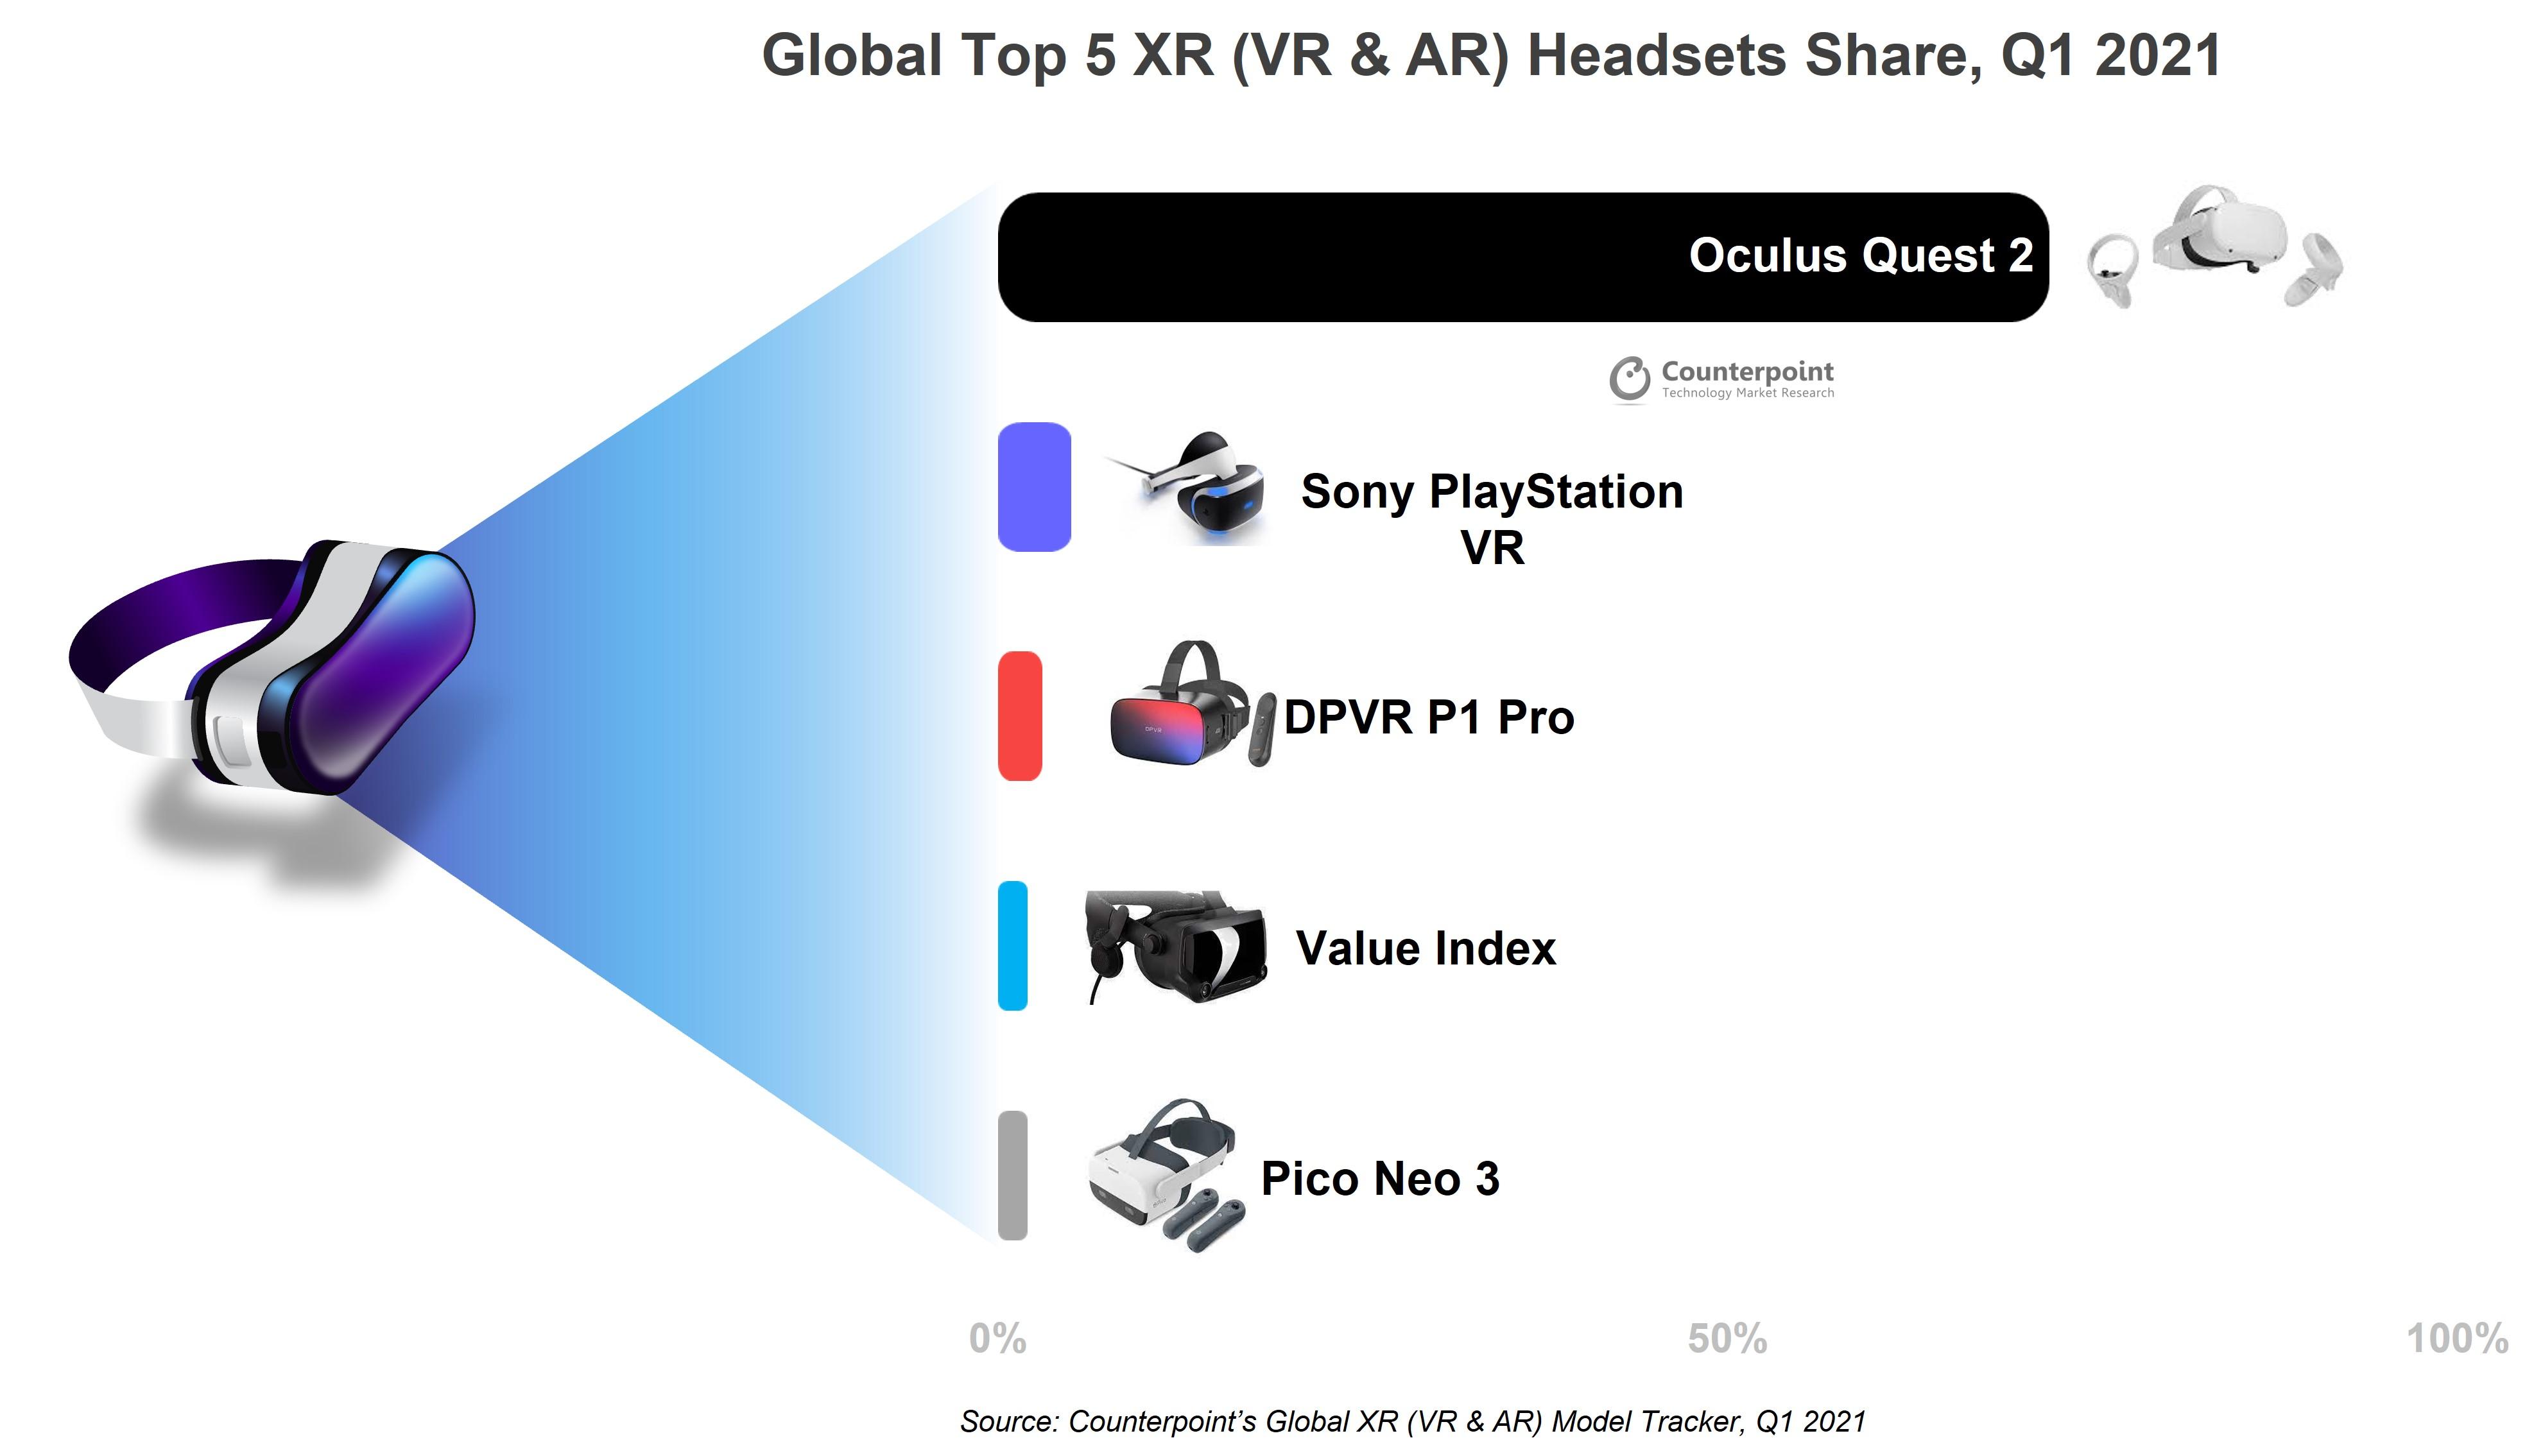 오큘러스, 전 세계 XR 헤드셋 시장 75% 점유